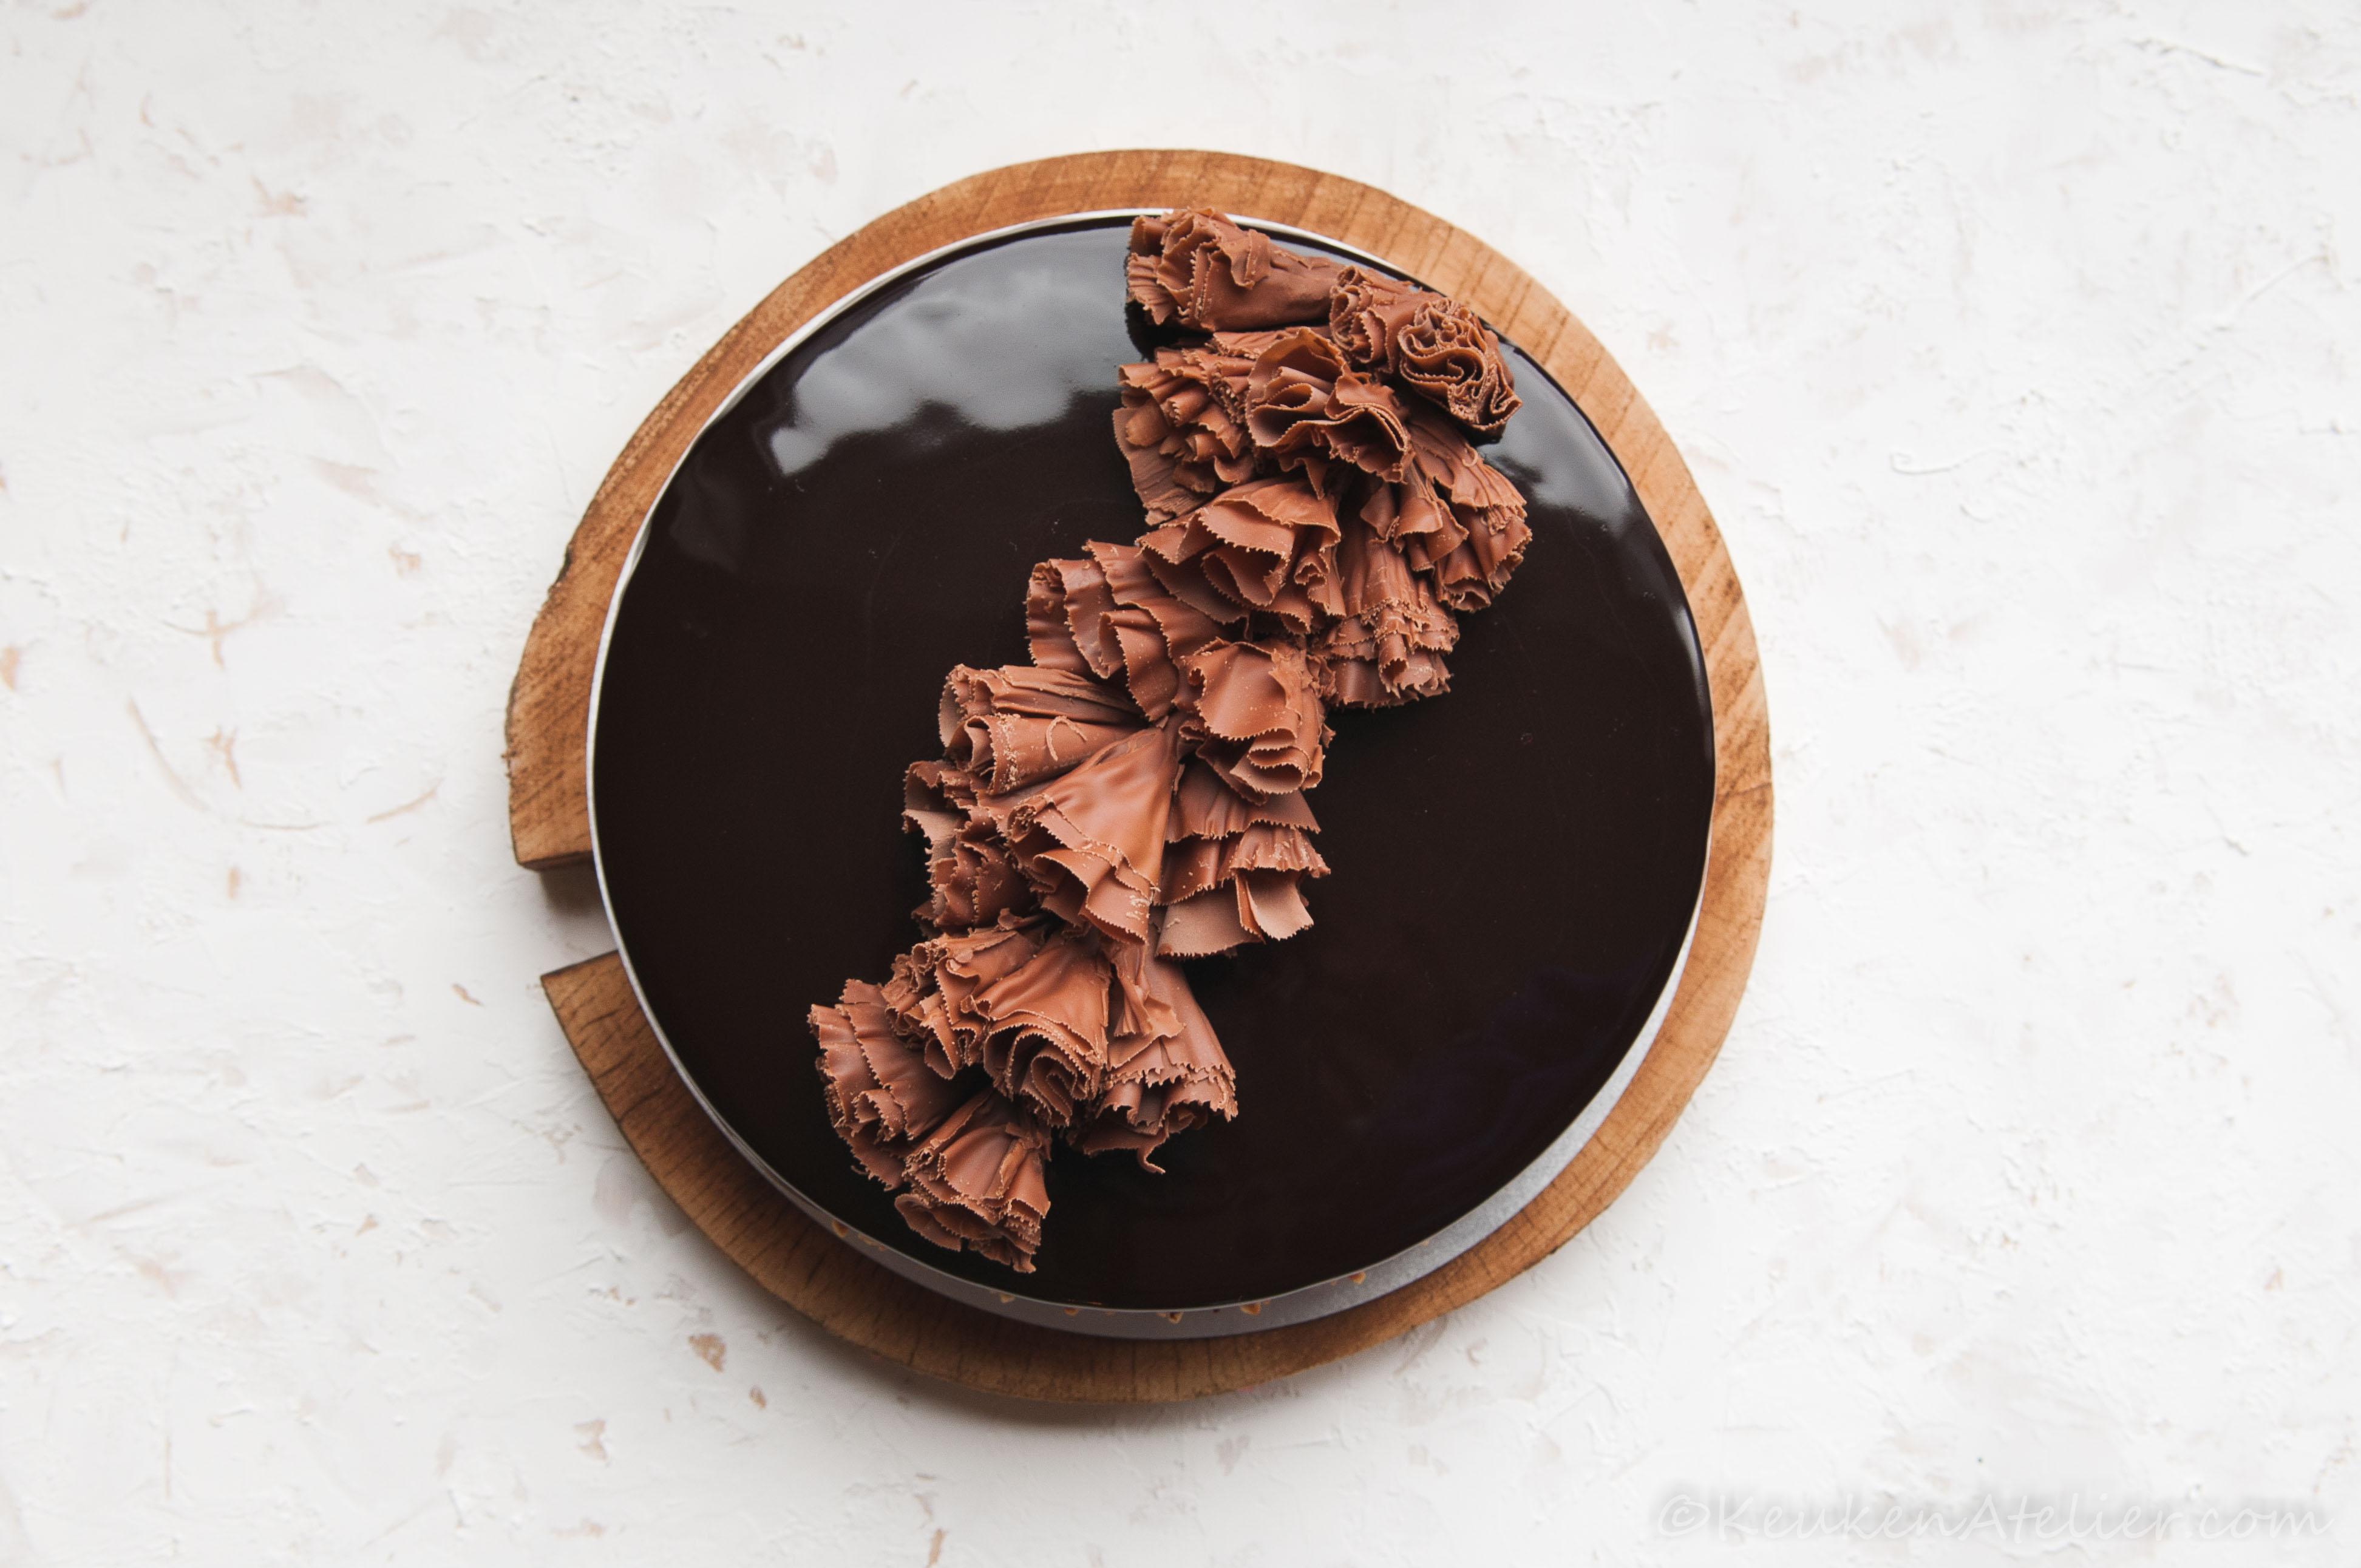 Mousse taart met chocolade spiegel en chocolade krullen KeukenAtelier.com